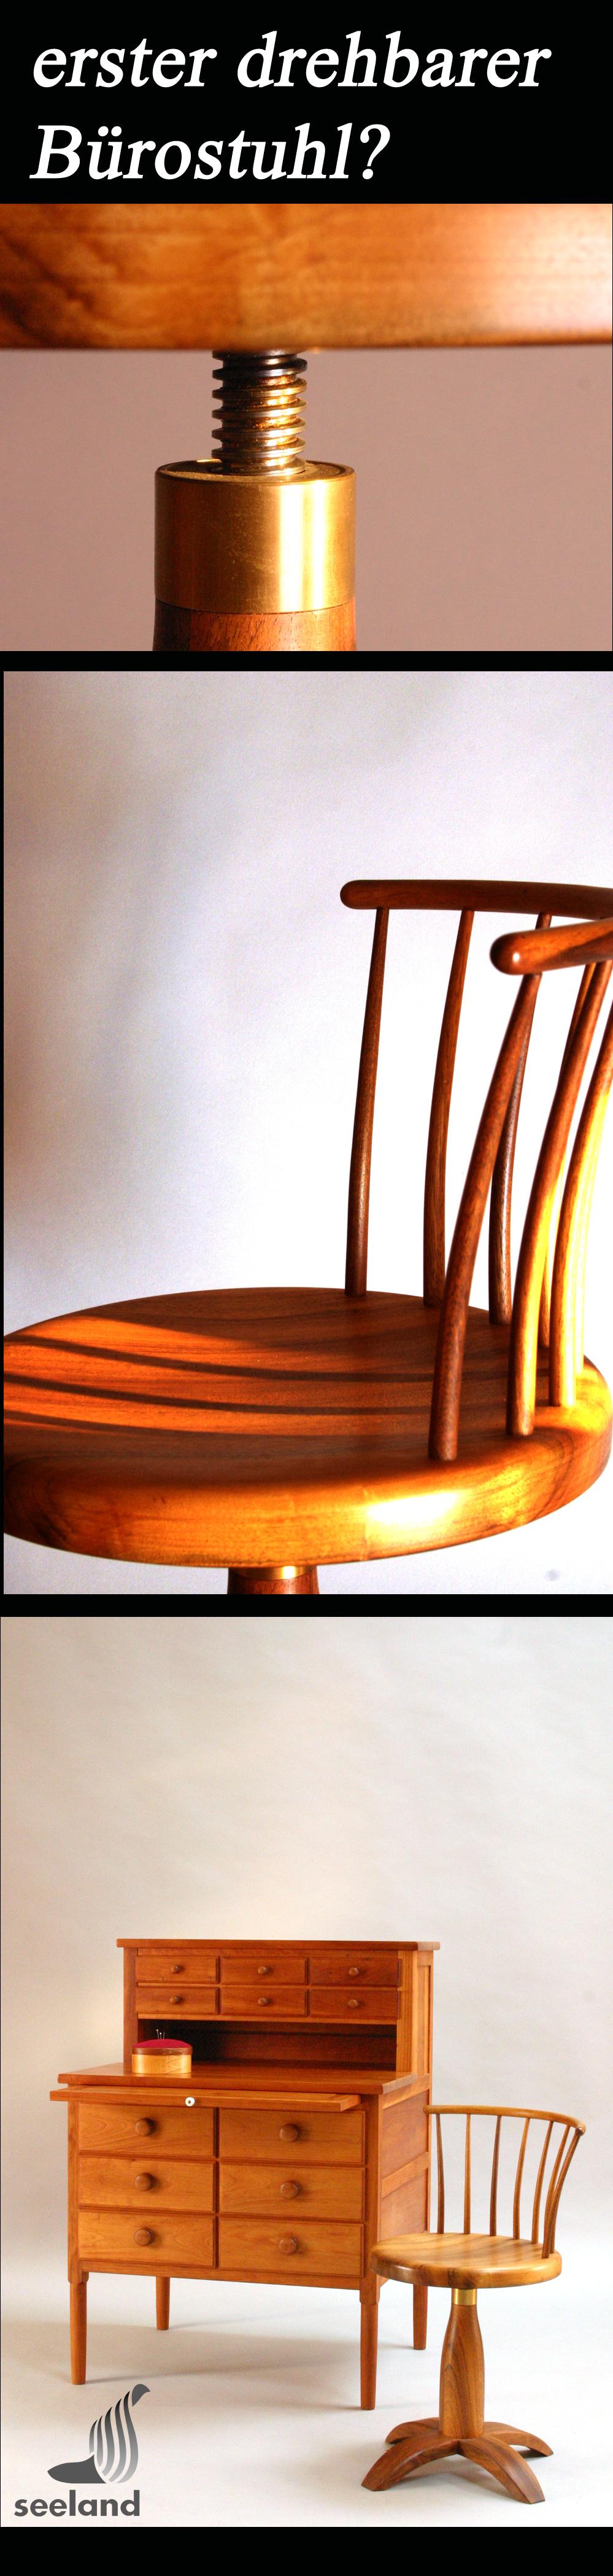 Shaker revolving chair / Nussbaum // Simonsen/ Seeland